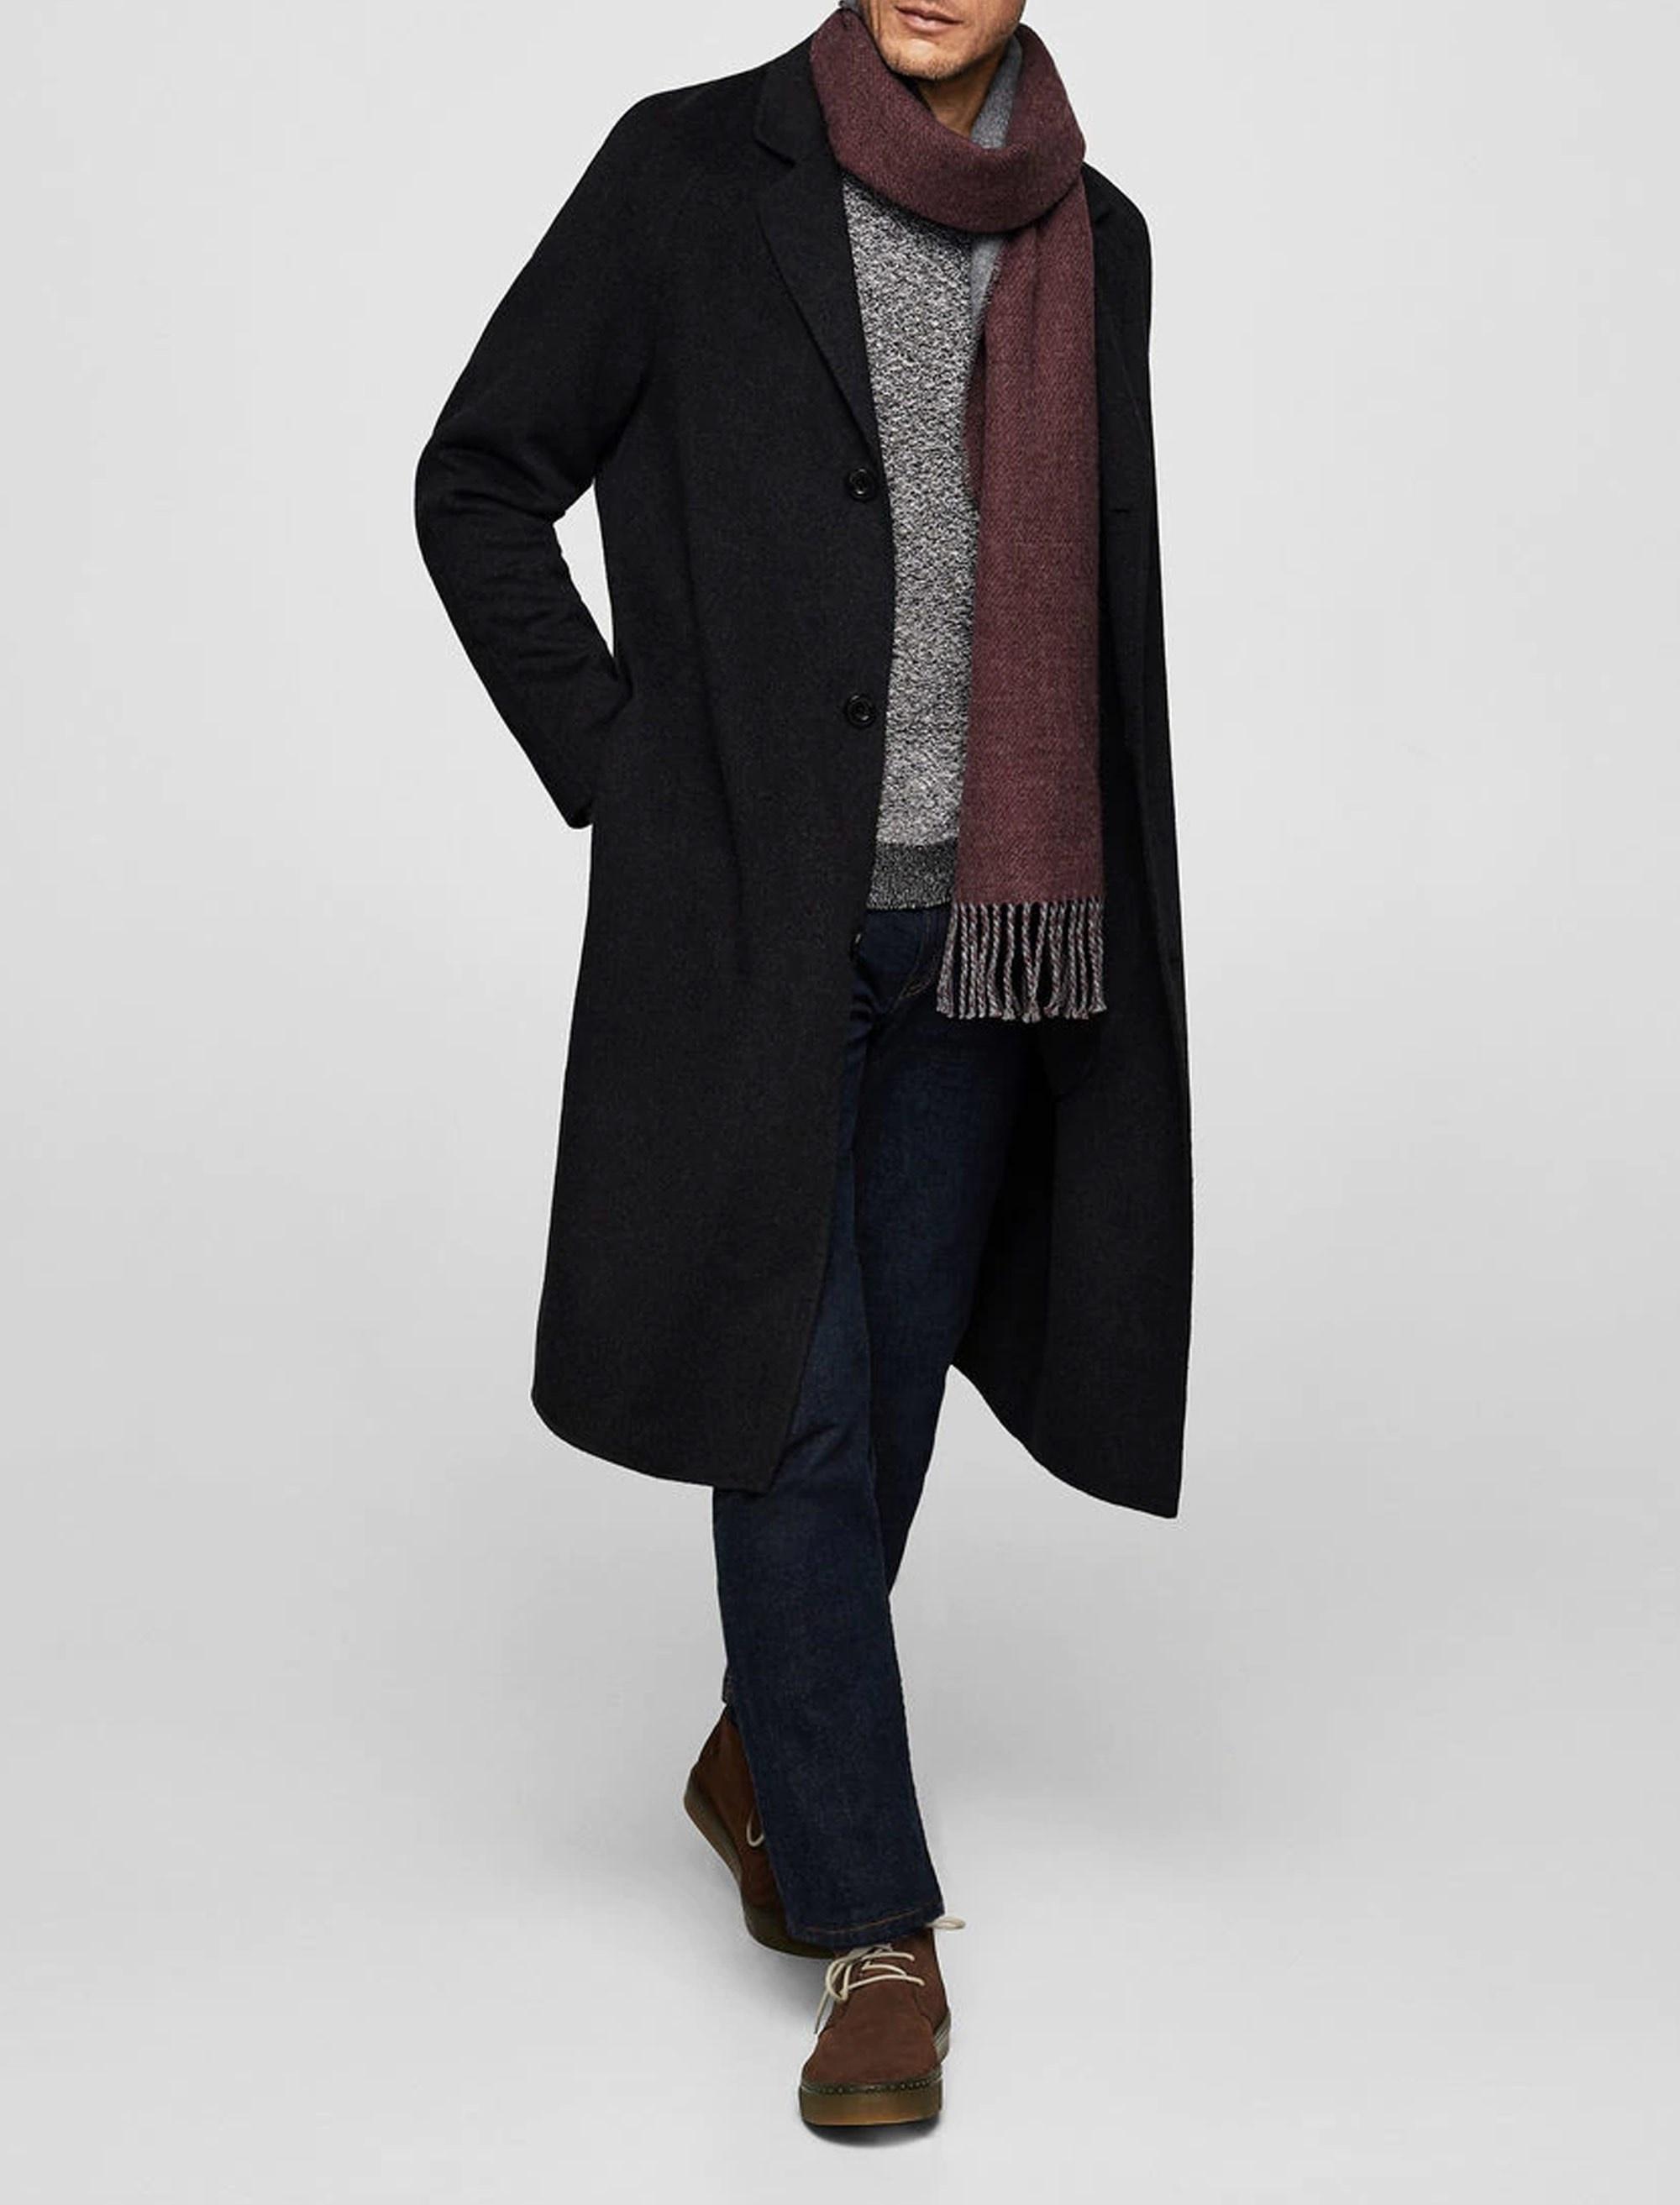 پالتو پشمی بلند مردانه - مانگو